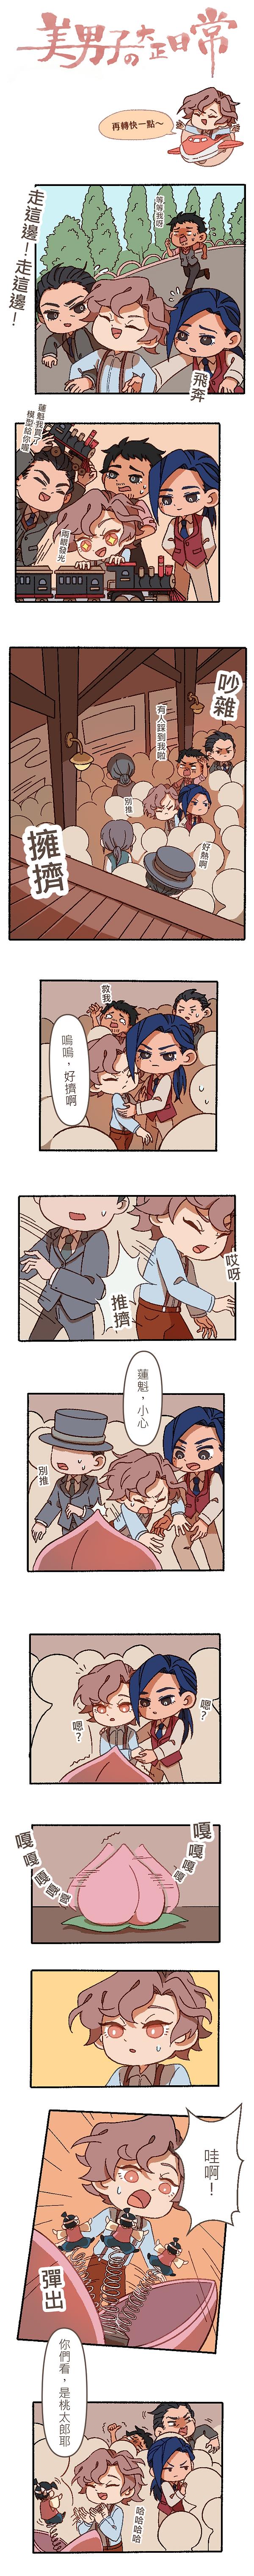 23台博(下)01.png